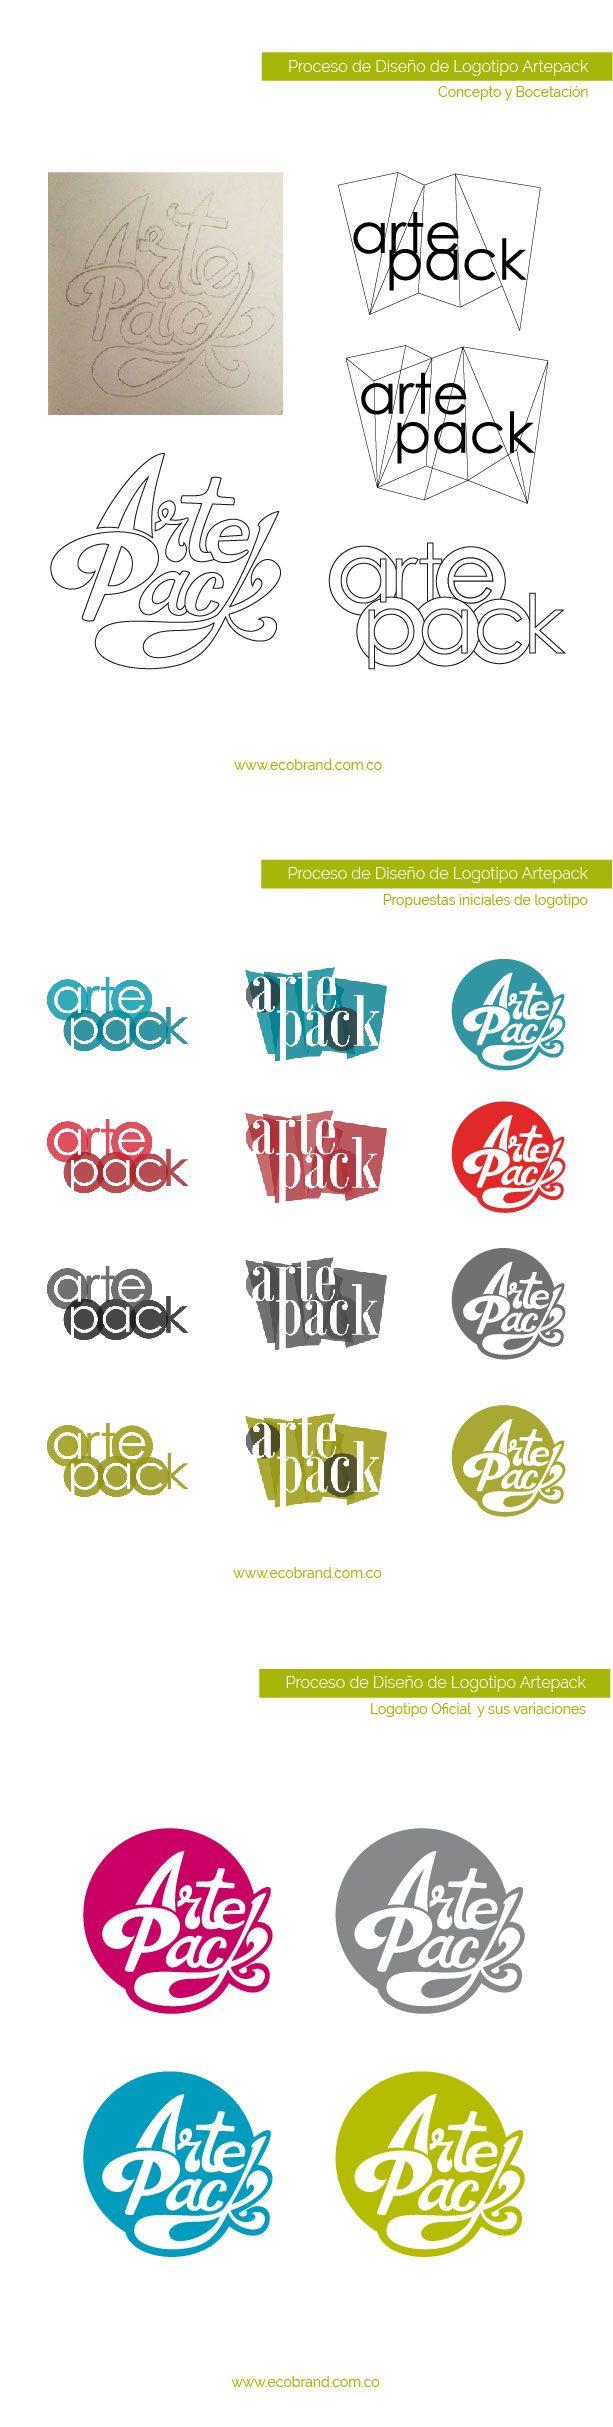 """Proceso de Diseño de logotipo para la marca """"Artepack"""" - Empaques para productos de repostería."""